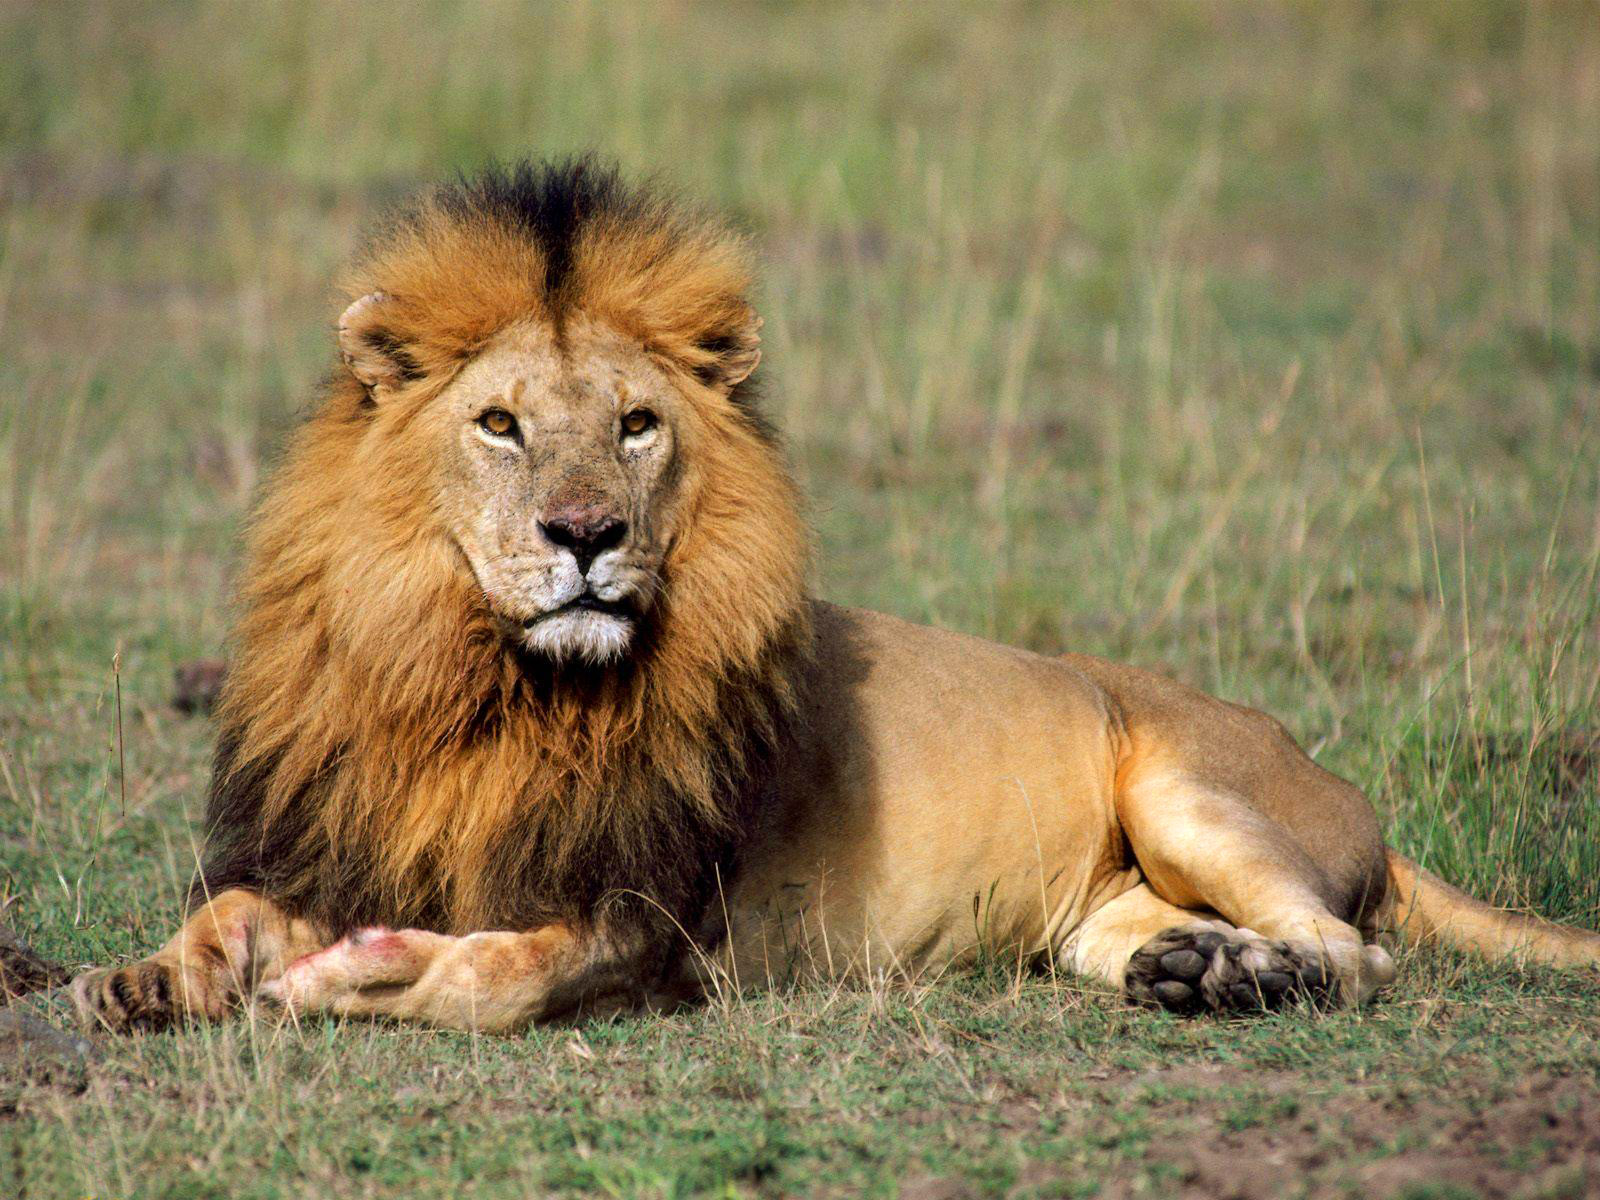 http://4.bp.blogspot.com/-AwZafHo0Ehg/TptW2TWa60I/AAAAAAAAAkk/sWlgu-FL8FE/s1600/Lion+wallpapers+hd.jpeg